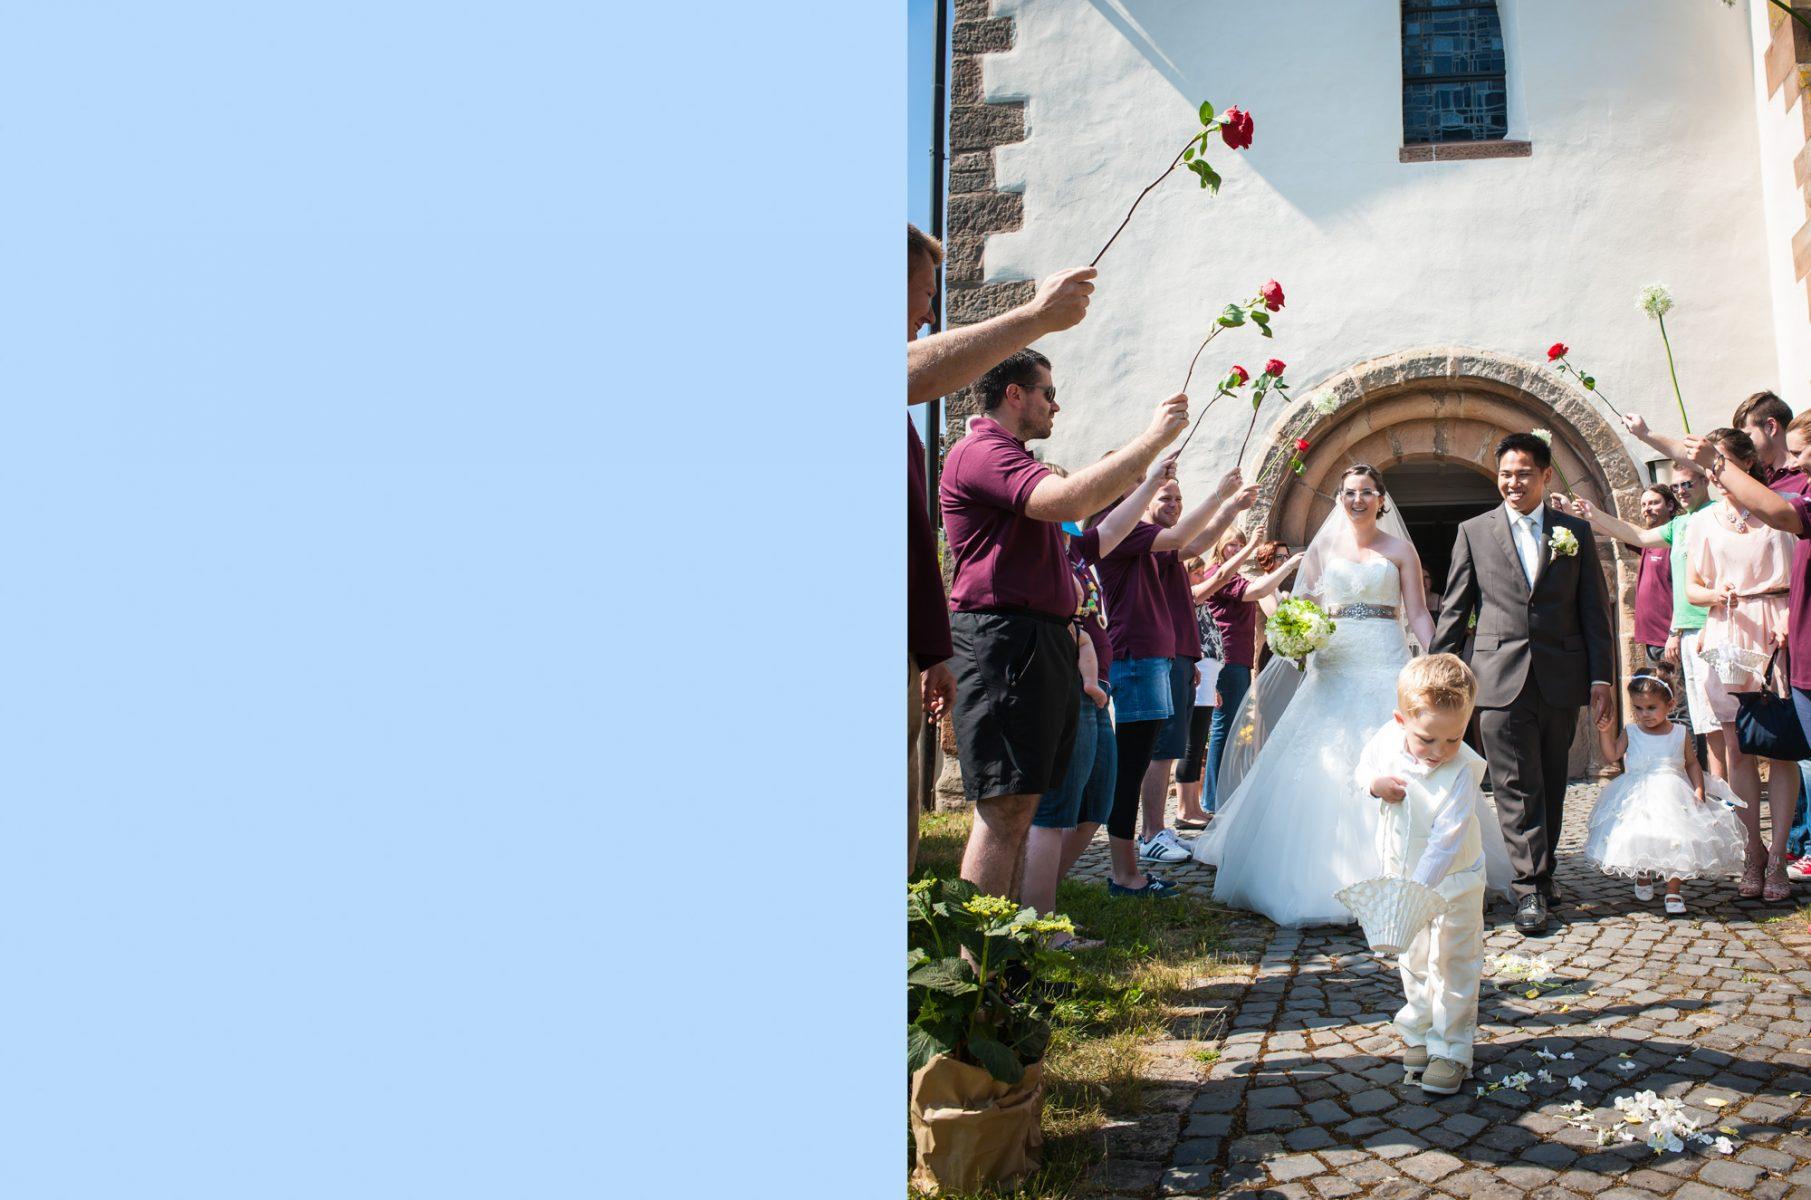 Hochzeit Feier  B2000 8 1811x1200 - GRATULATION & EMOTION